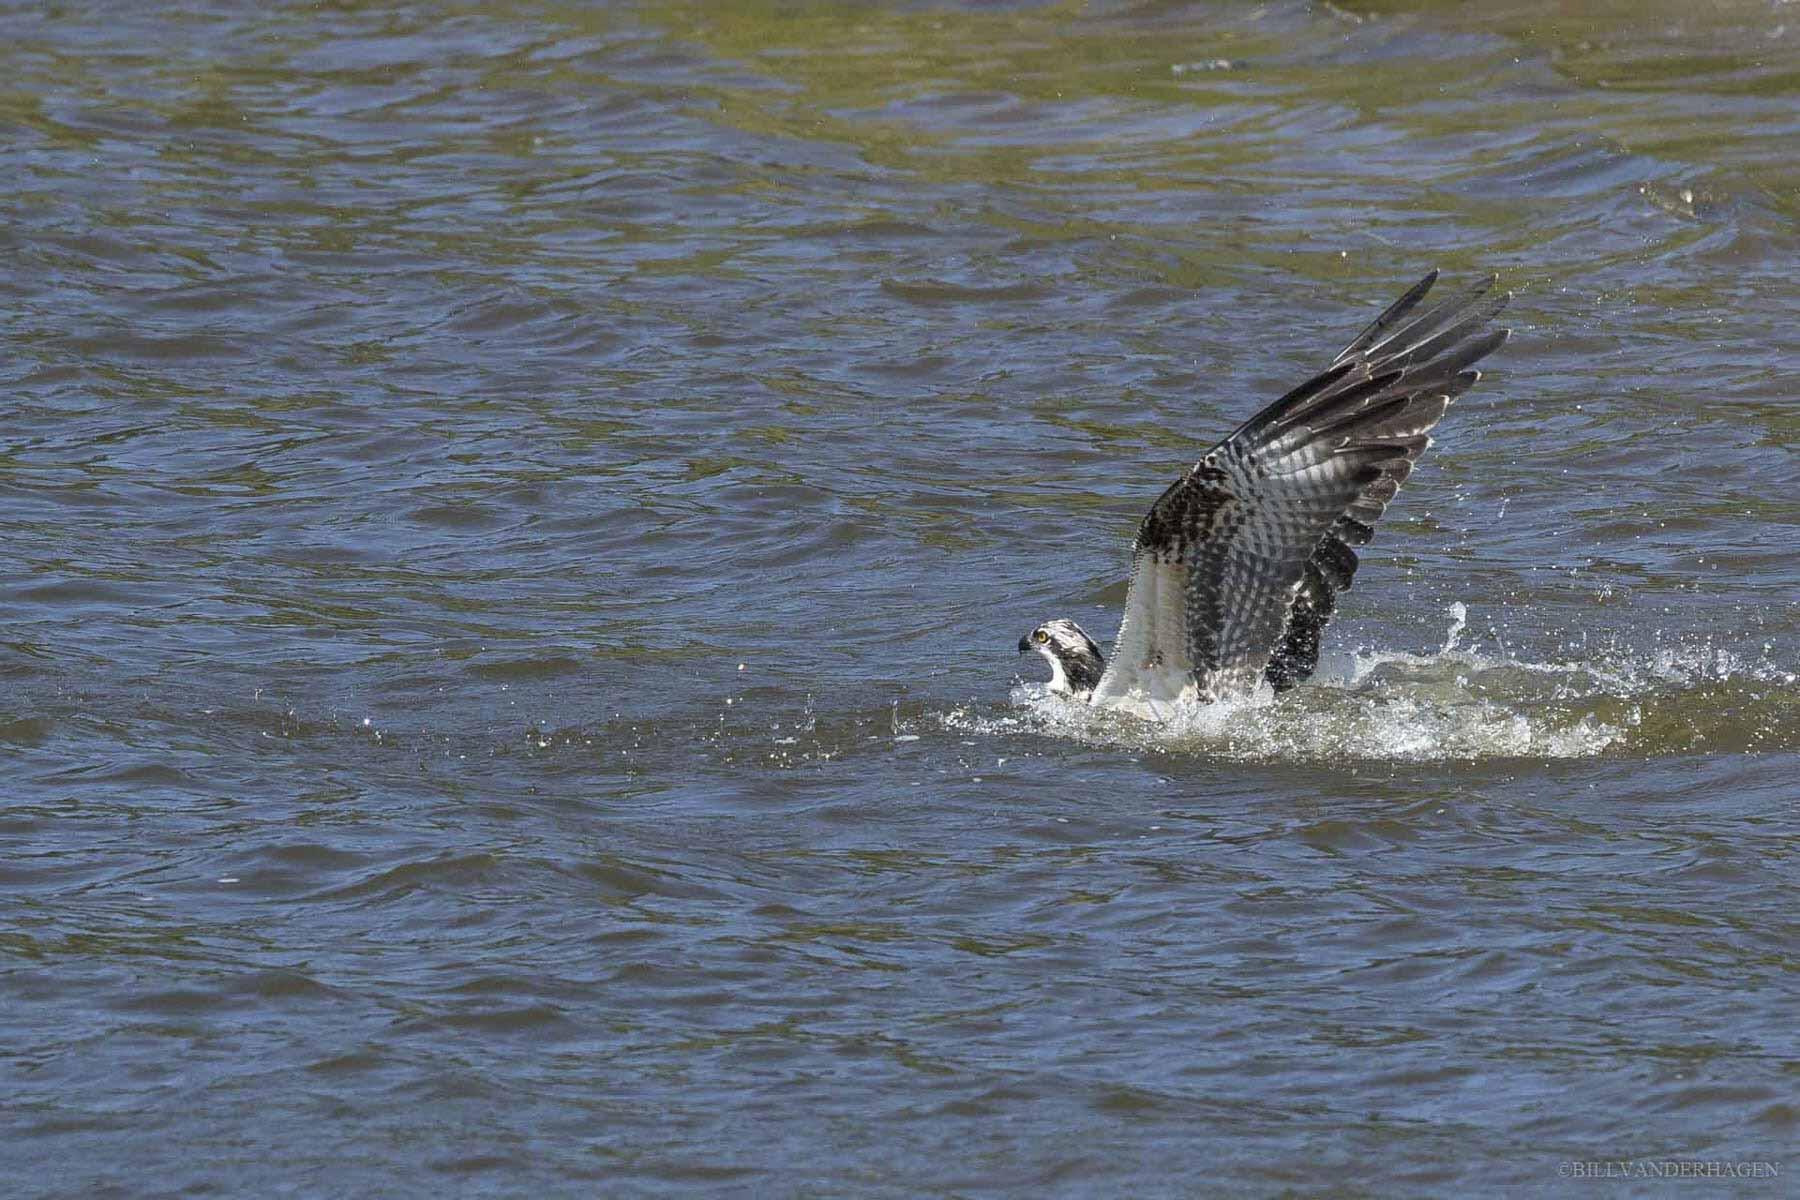 osprey fishing in lake south dakota